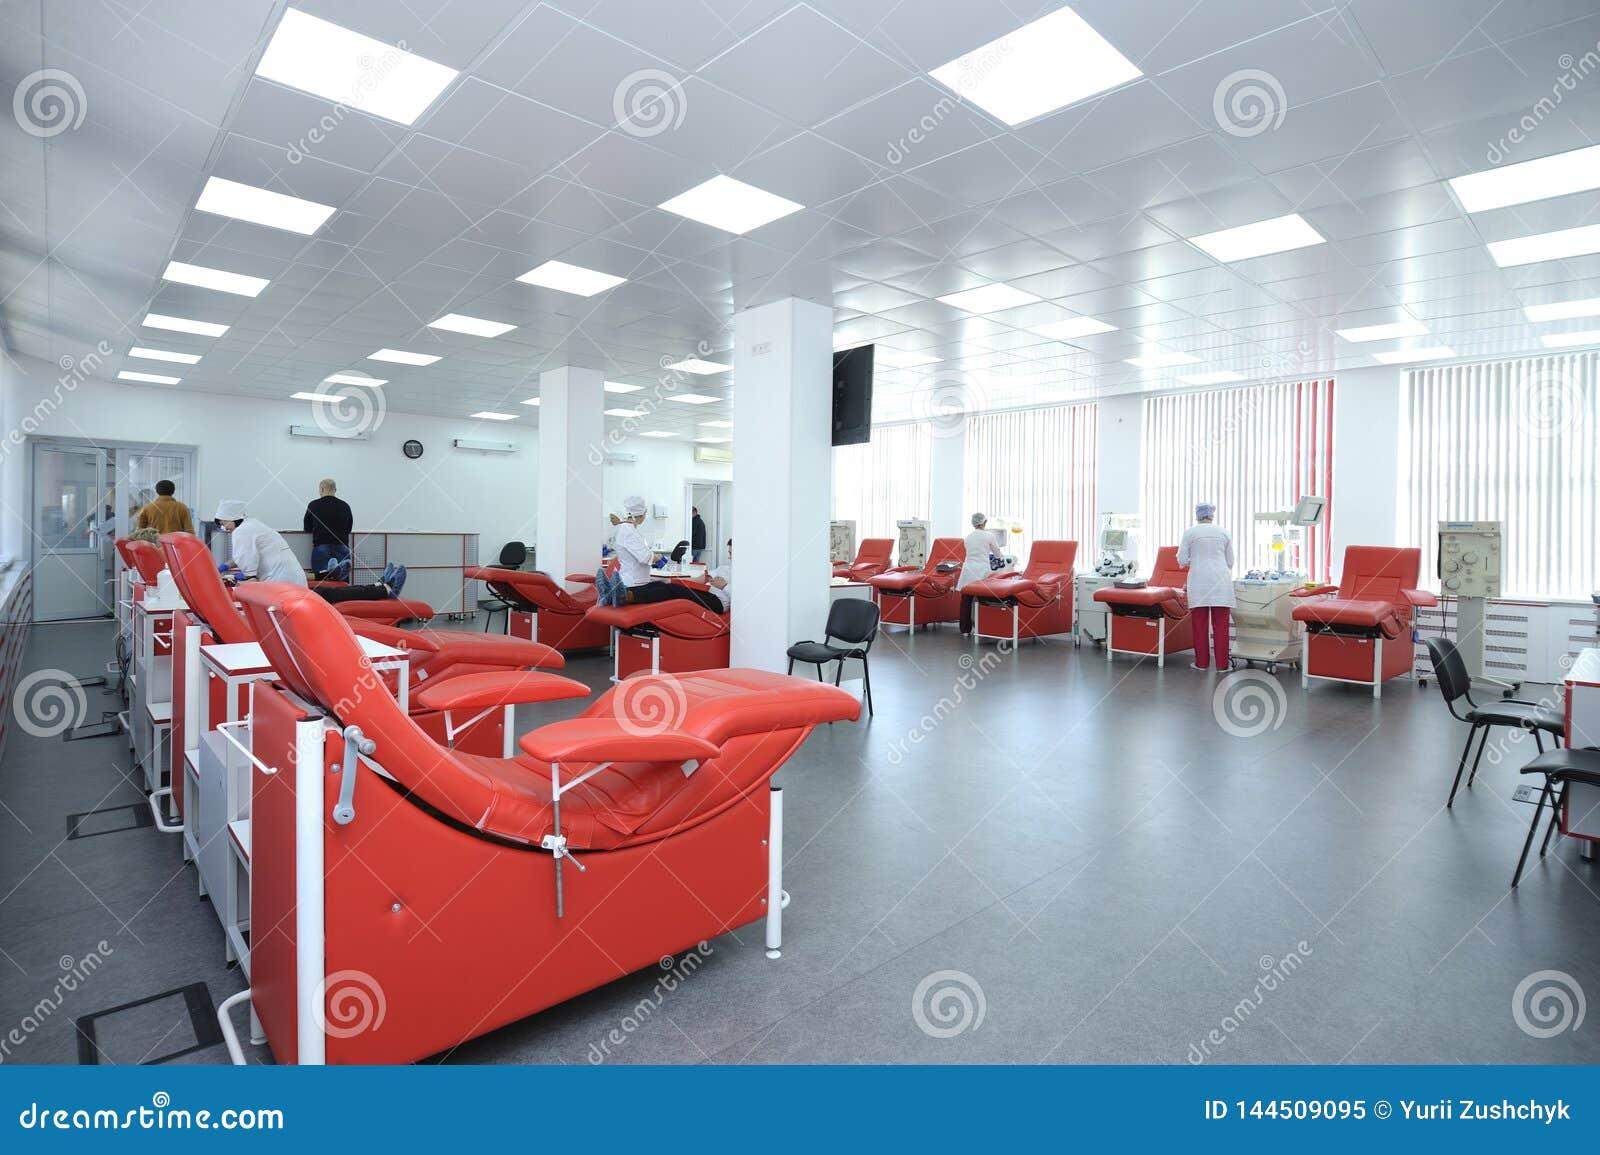 Att avskilja apparaturen och daybeds ställde in på stadsblodtransfusionstationen